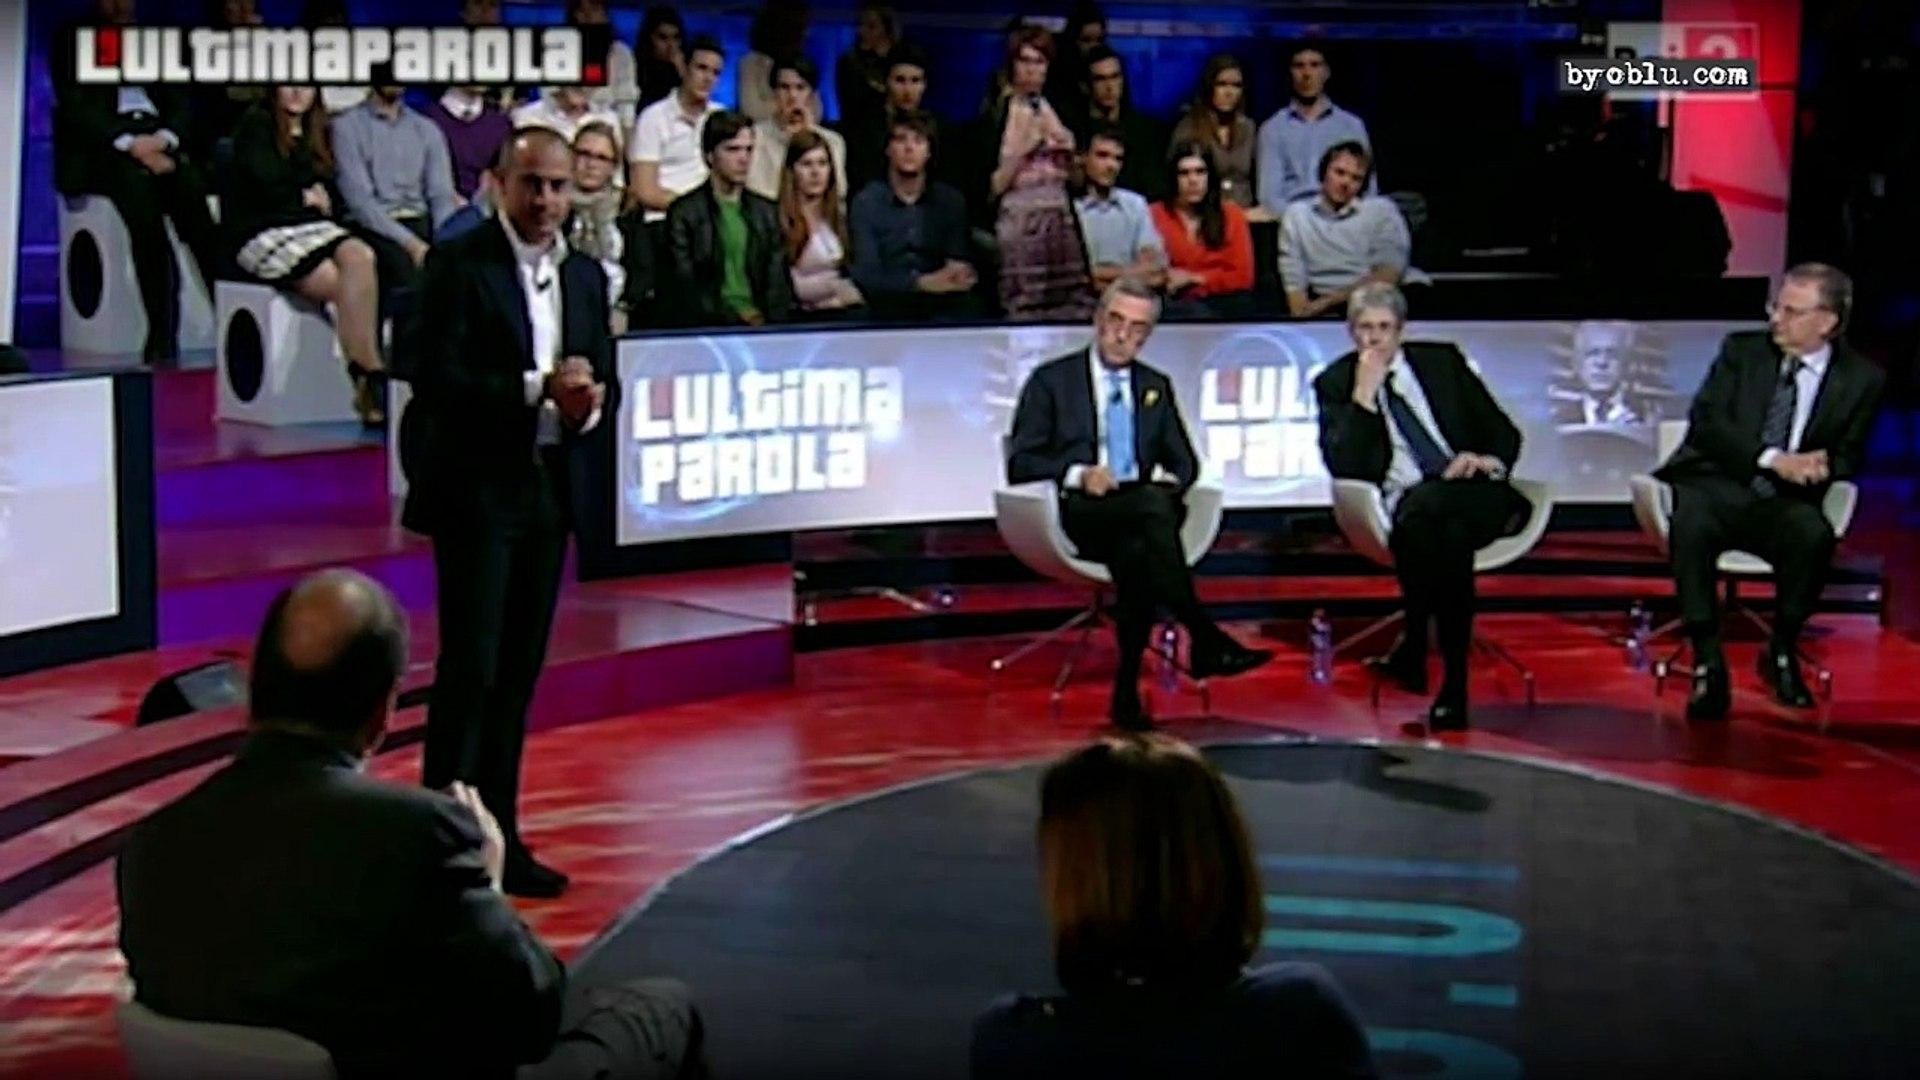 L'Ultima Parola: Byoblu vs le banche - CI STANNO INDEBITANDO!